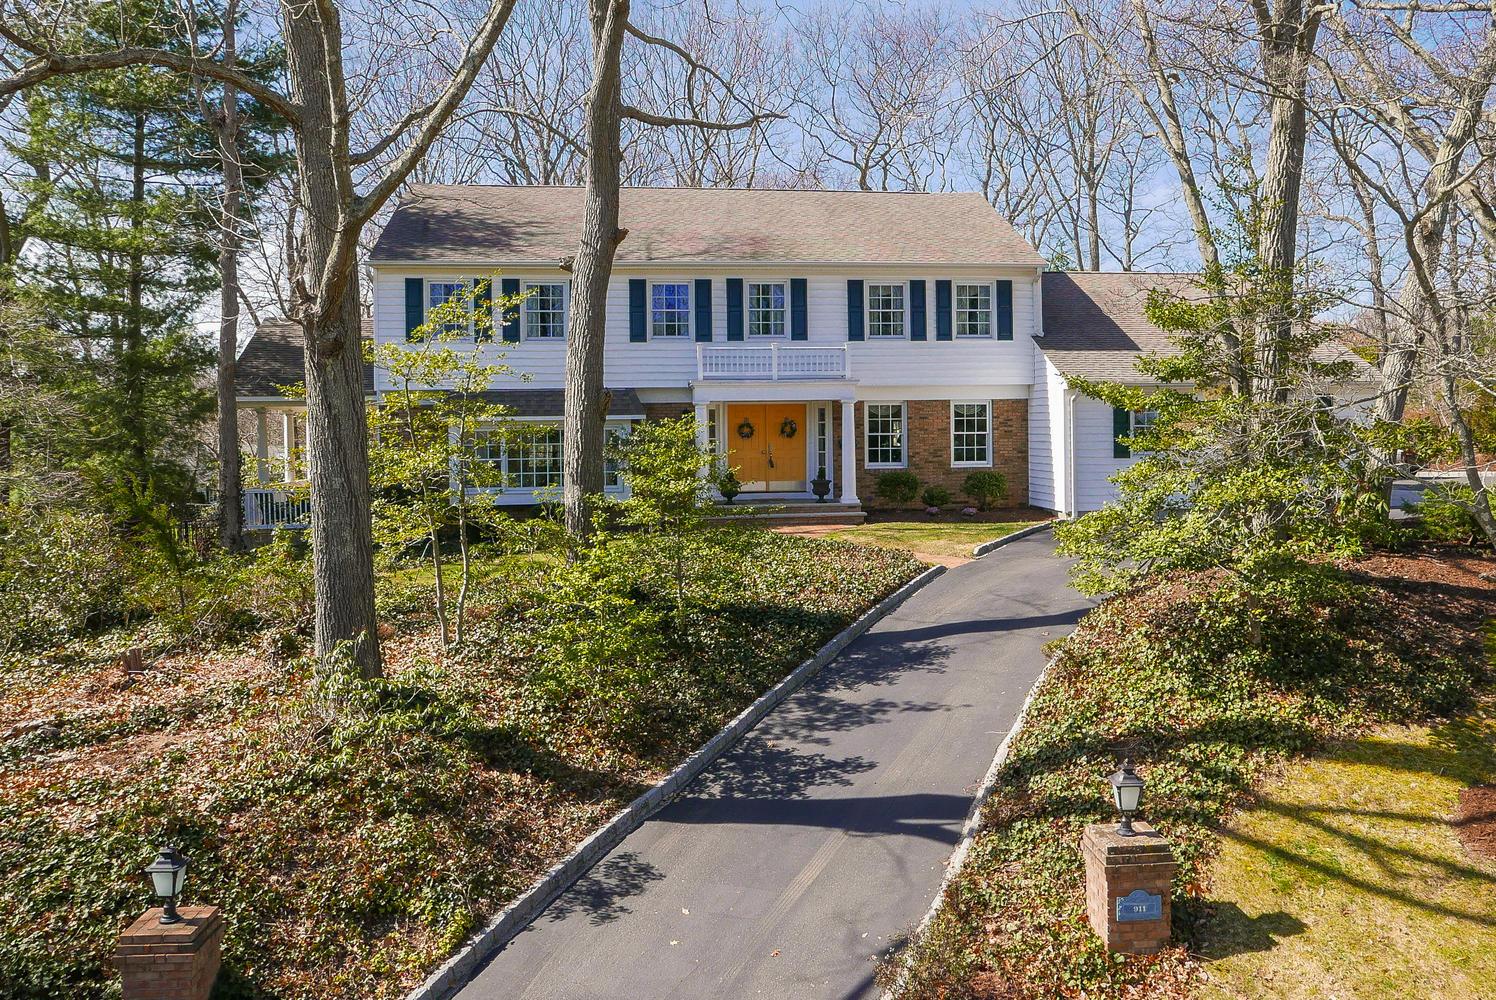 Maison unifamiliale pour l Vente à Beautiful Home in Brielle! 911 Teaberry Lane Brielle, New Jersey, 08730 États-Unis